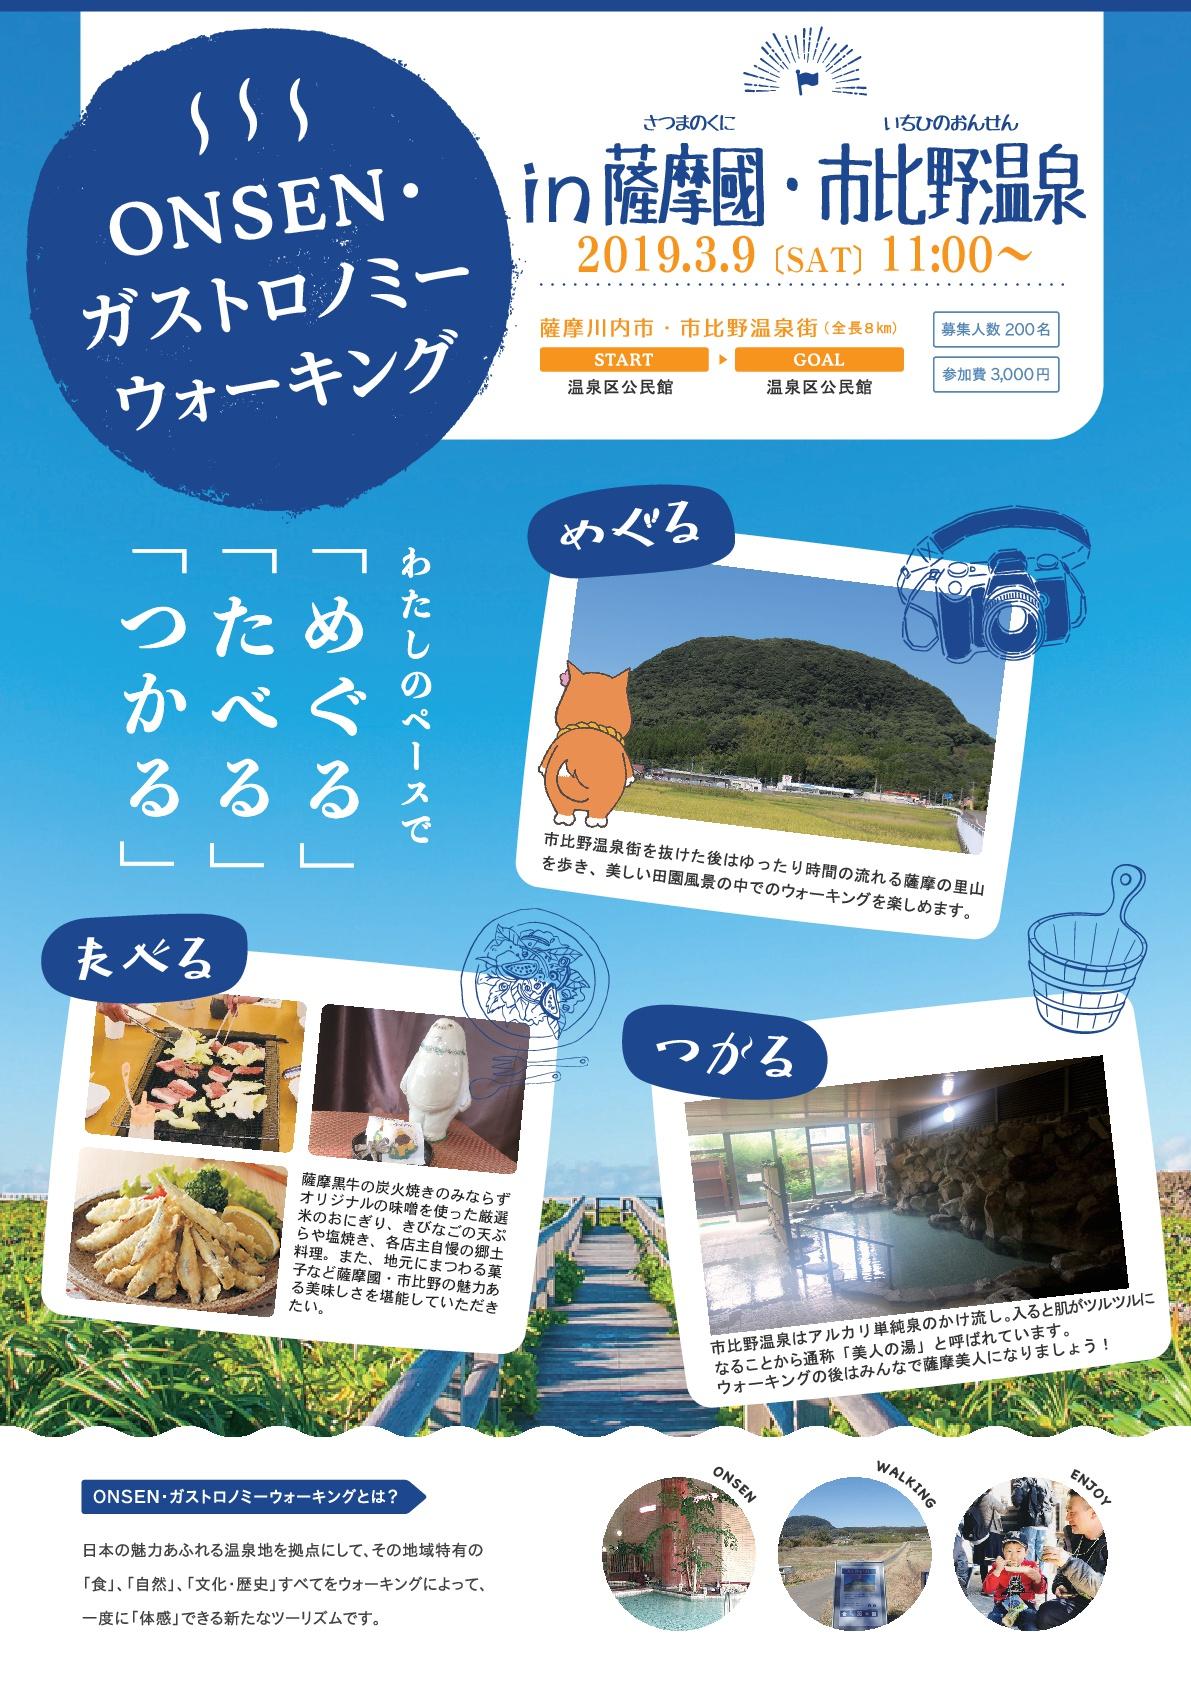 ONSEN・ガストロノミーウォーキング in 薩摩國・市比野温泉